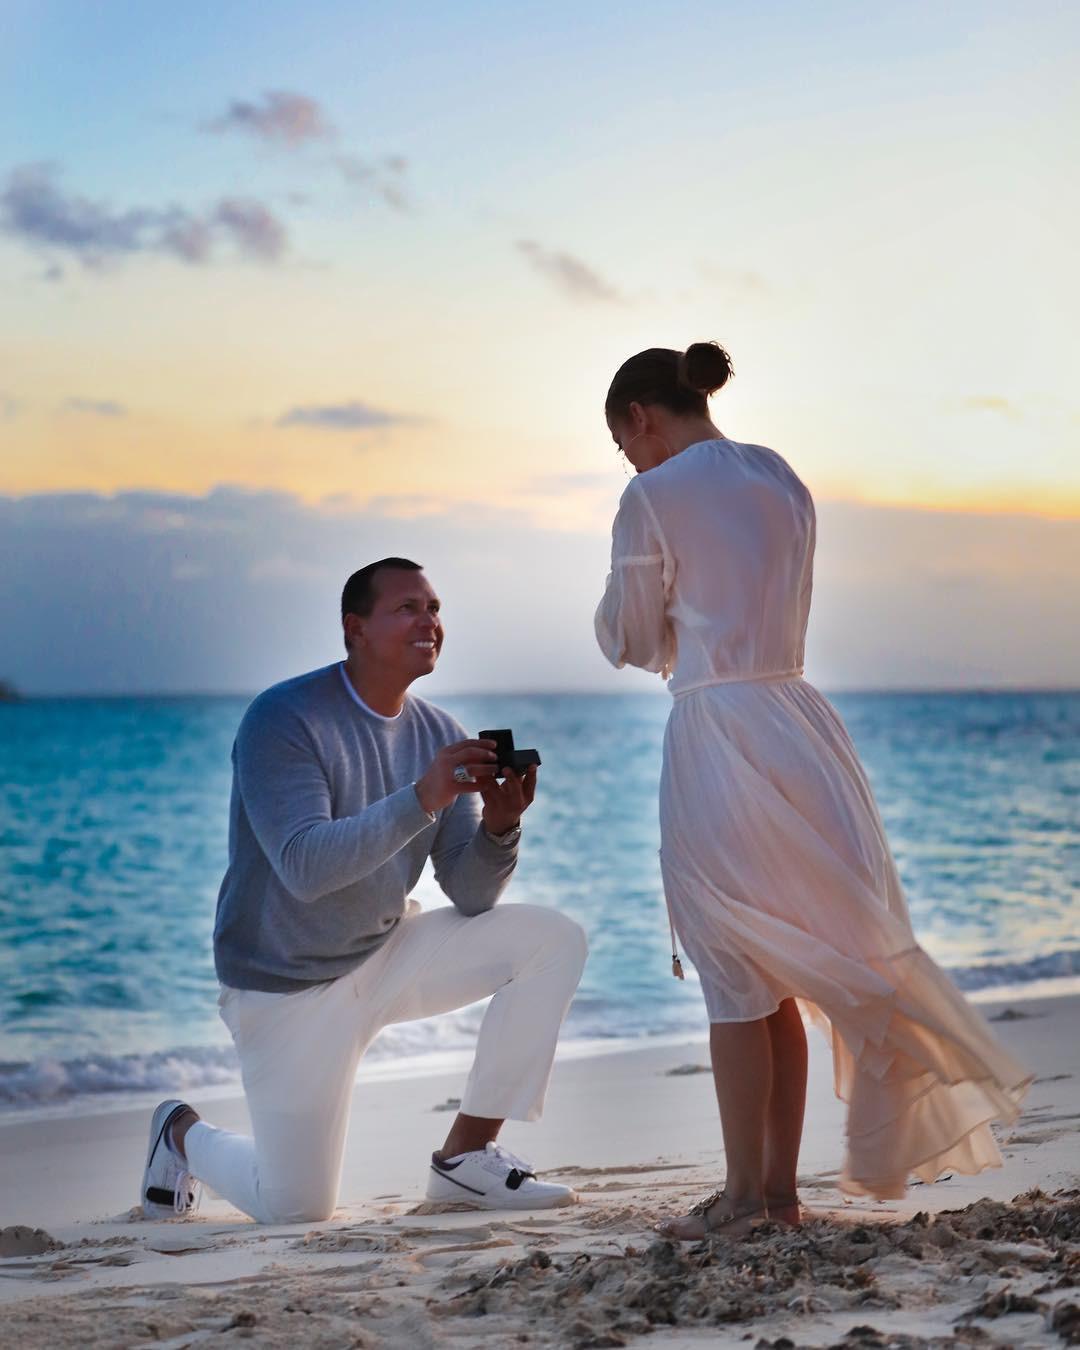 Sau khi khoe nhẫn siêu khủng, Jennifer Lopez tiếp tục gây ghen tị vì loạt ảnh cầu hôn đẹp như phim ngôn tình - Ảnh 3.